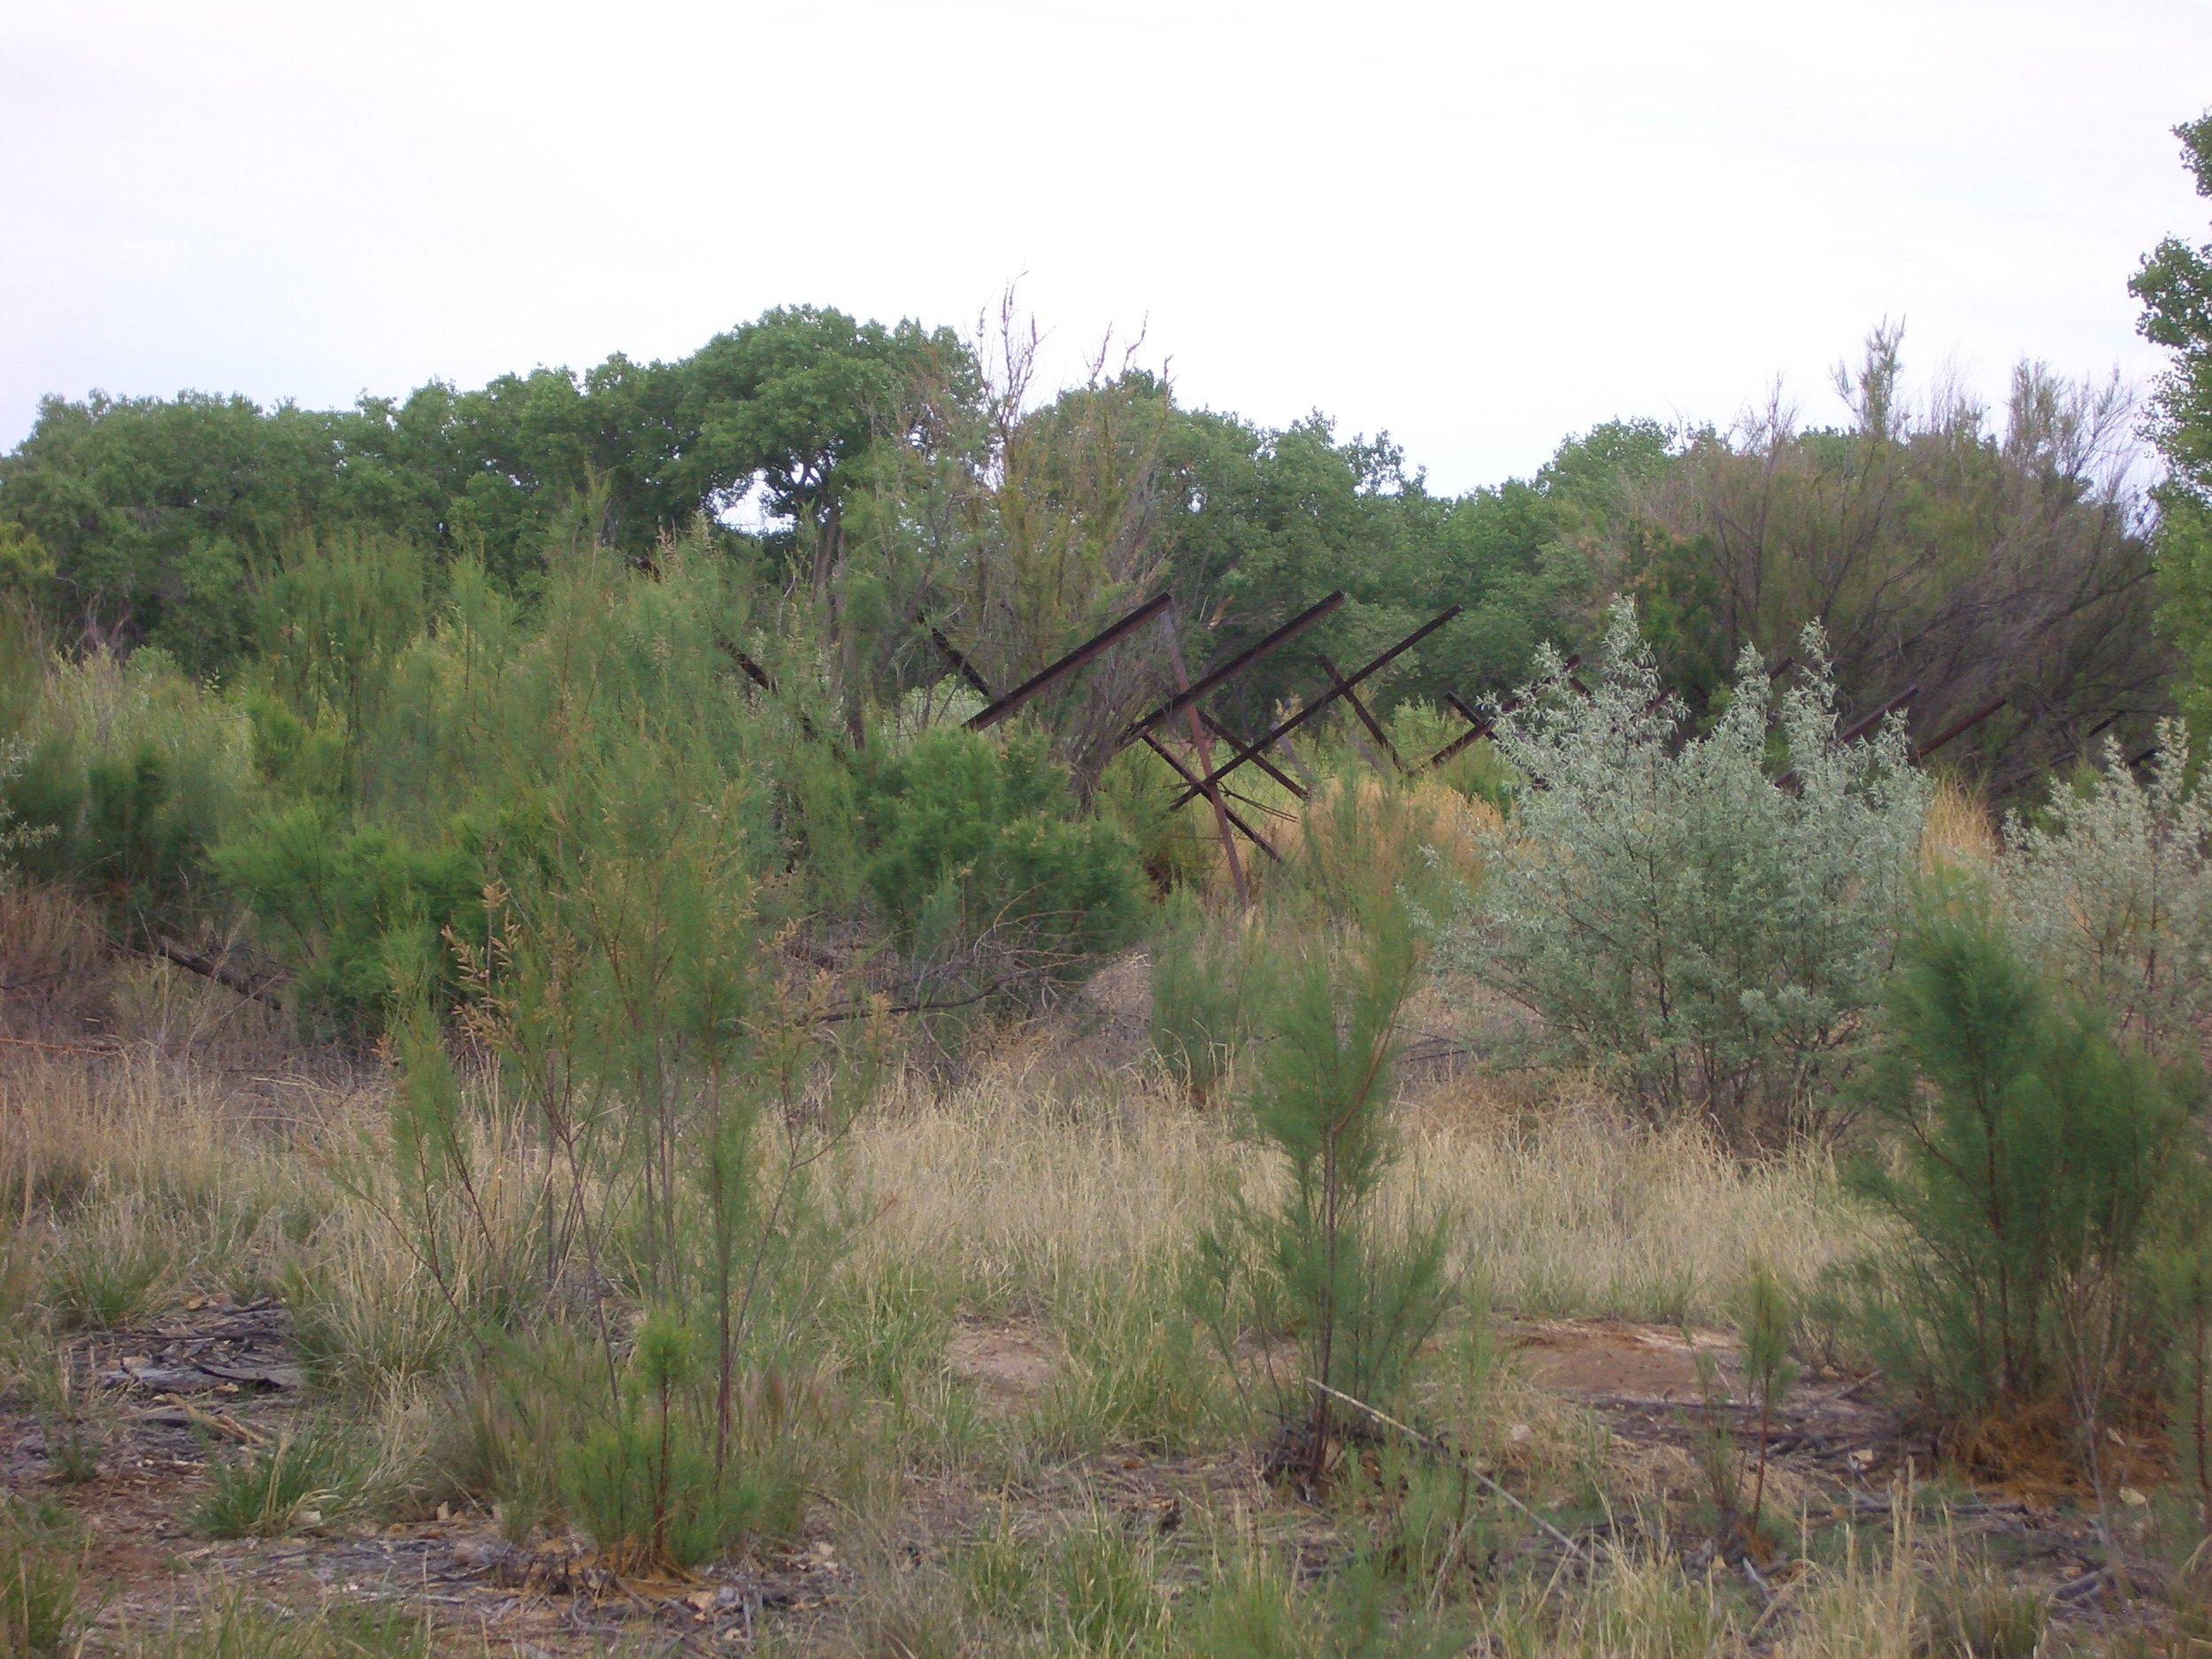 Jetty Jacks in the Rio Grande Bosque, Albuquerque New Mexico